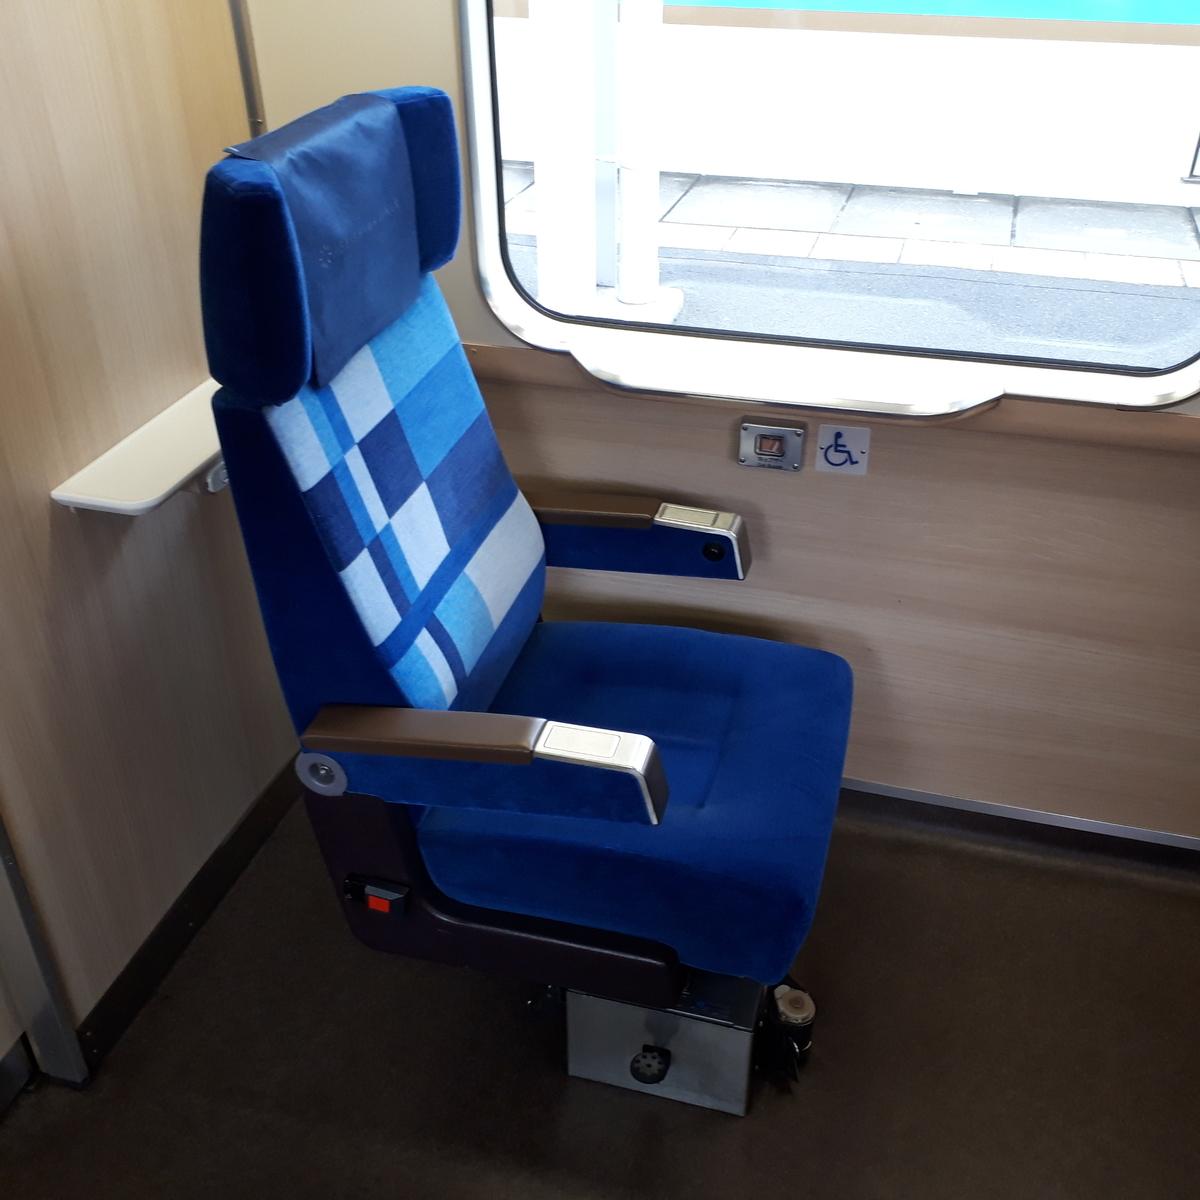 近鉄 23000系 伊勢志摩ライナー レギュラーカー 車いす対応座席